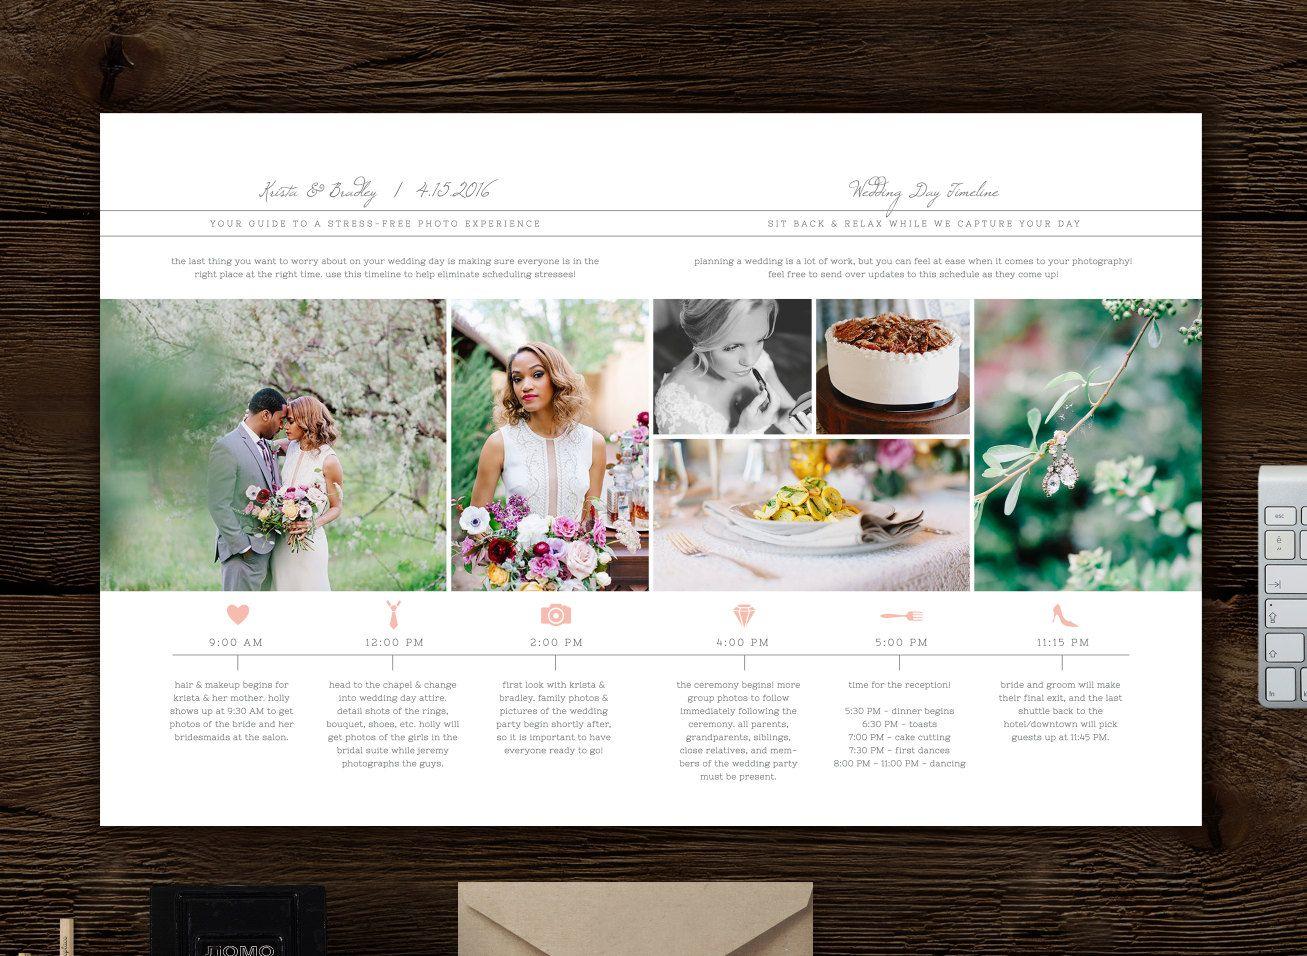 Hochzeit Tag Vorlage Zeitplan für digitale von designbybittersweet ...